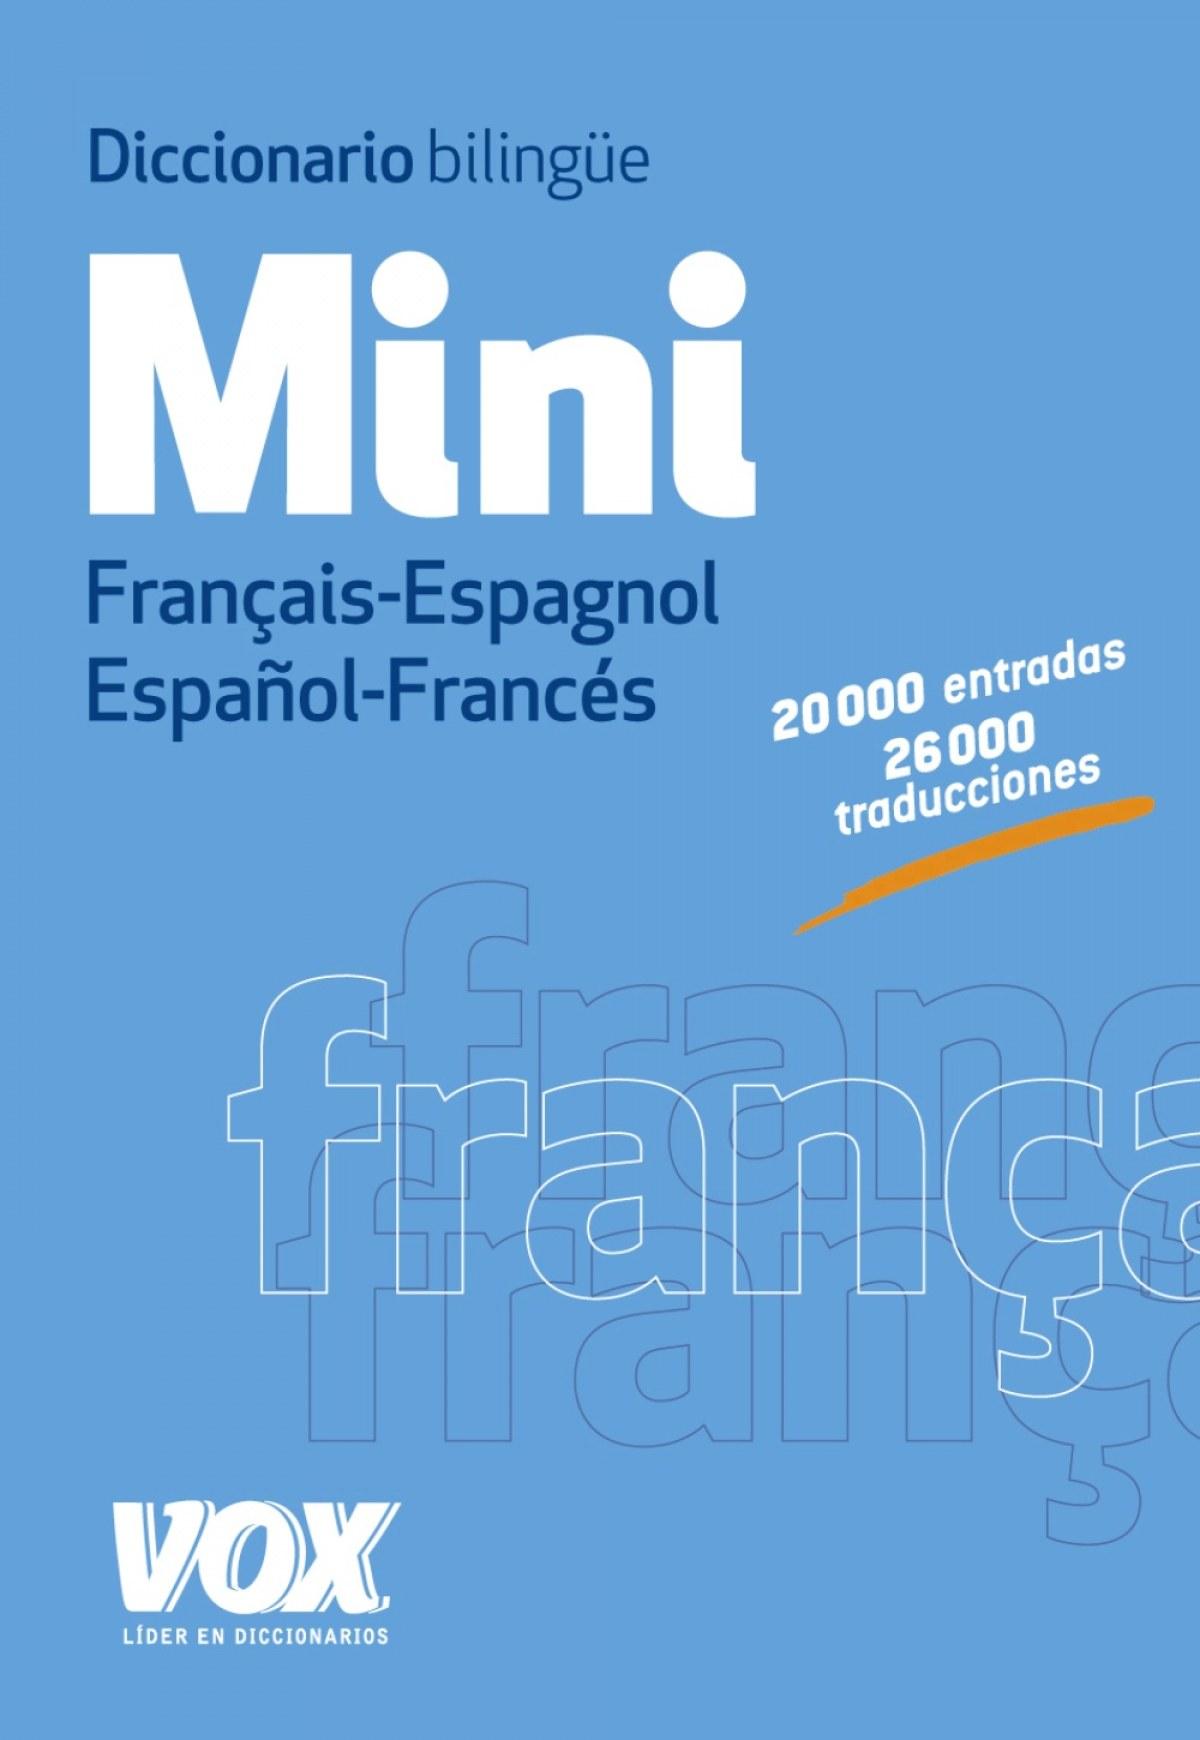 Diccionario mini FranÇais-Espagnol 9788499741680